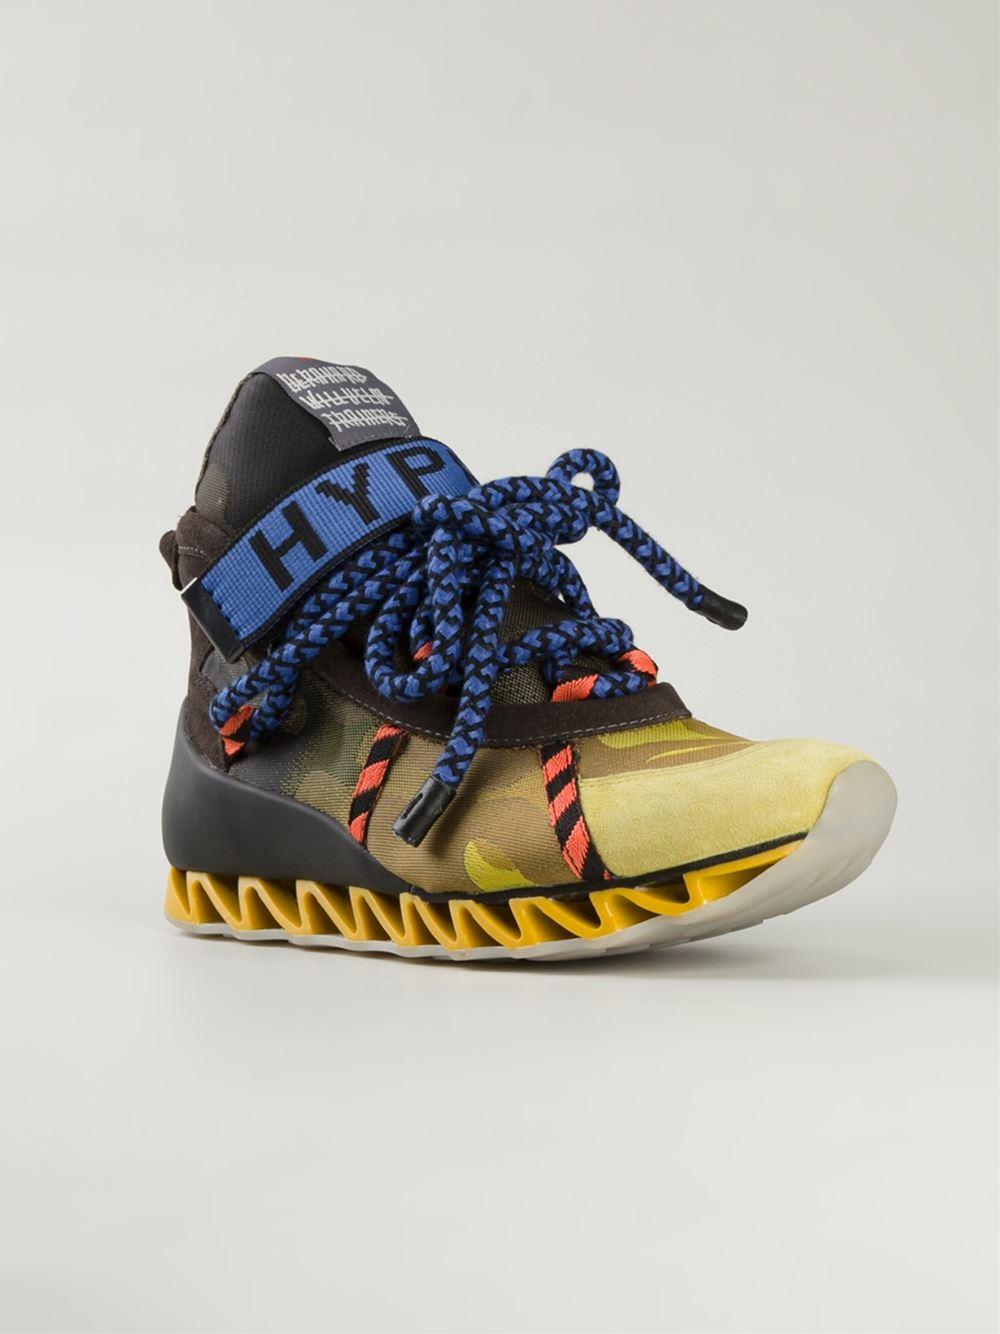 Lyst Top voor sneakers Bernhard Hyper geel in heren Willhelm High 4x7prw4S